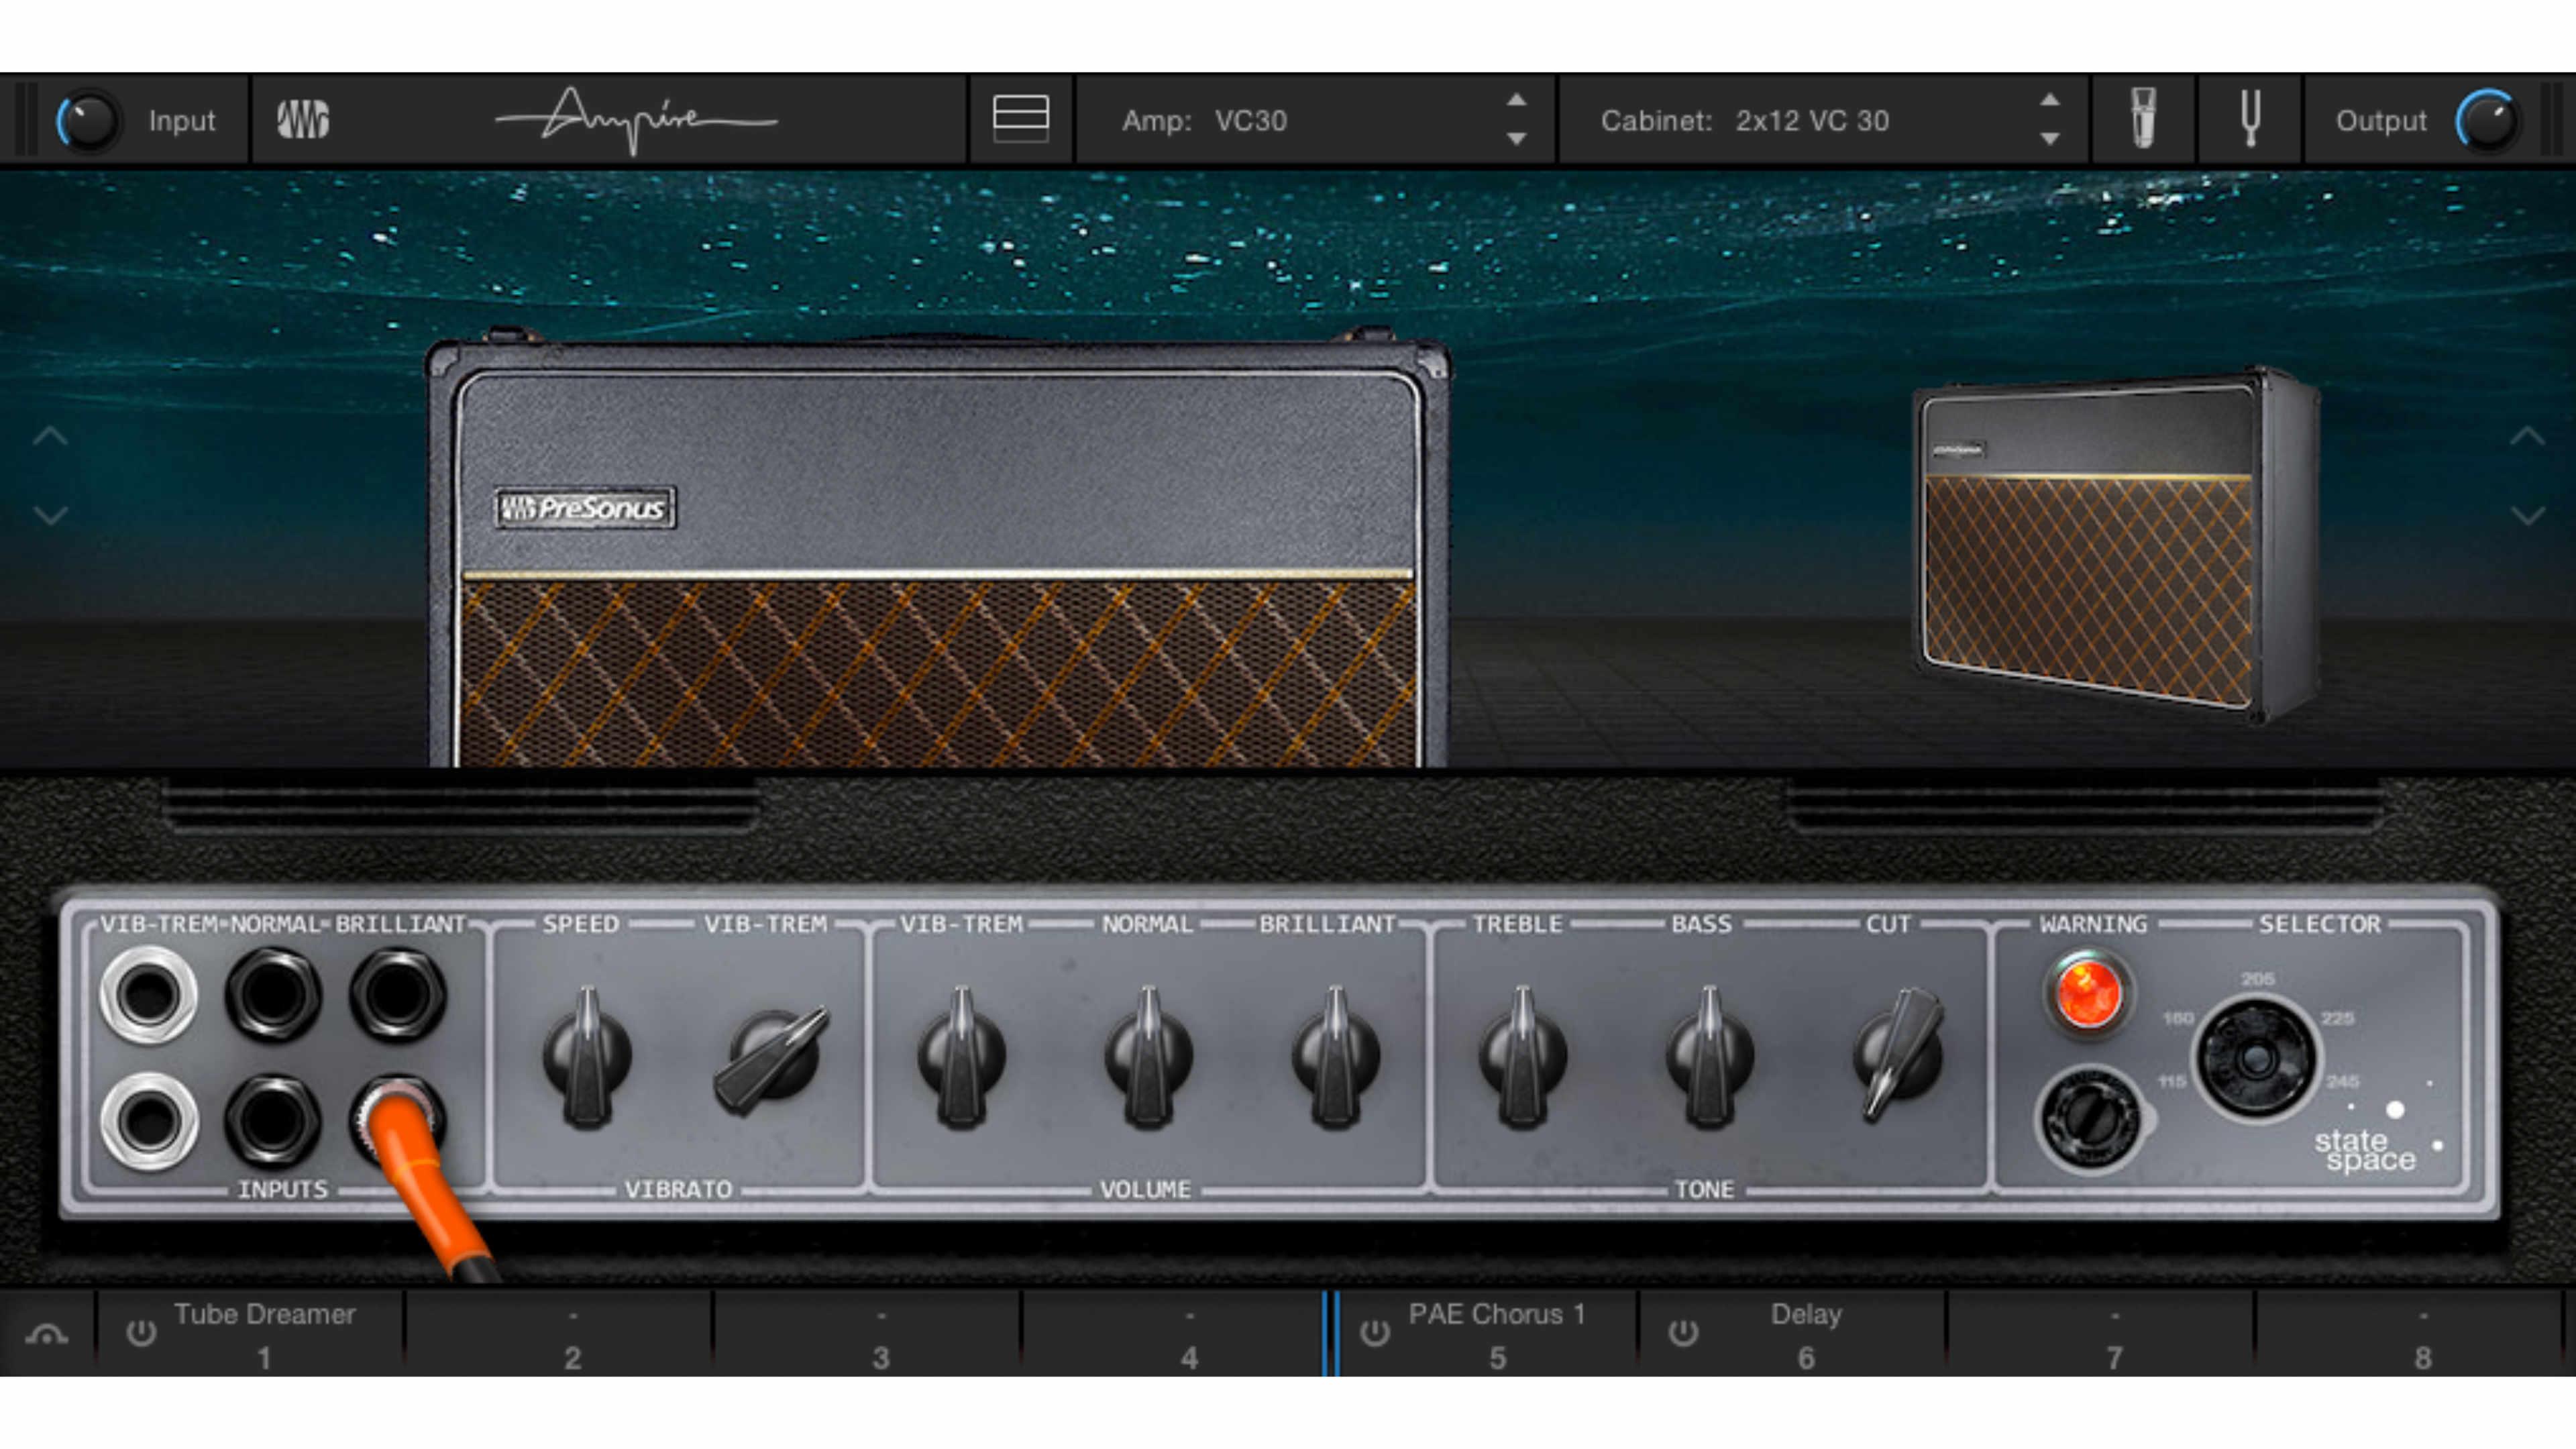 新版的 Ampire 介面提供了更精緻的音色與外觀